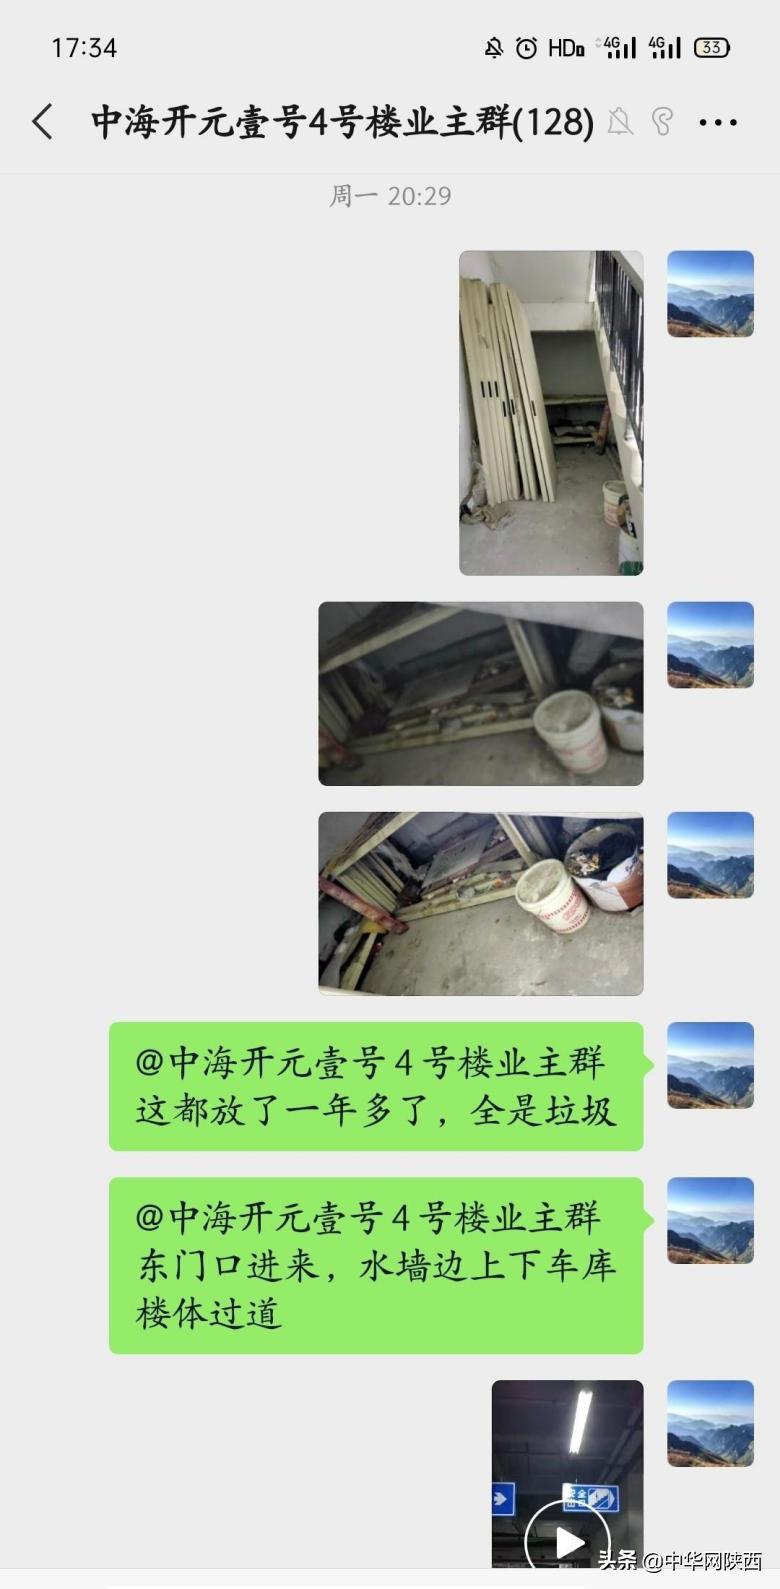 """""""幸福空间、美好生活""""成泡影?业主质疑中海物业服务水平"""